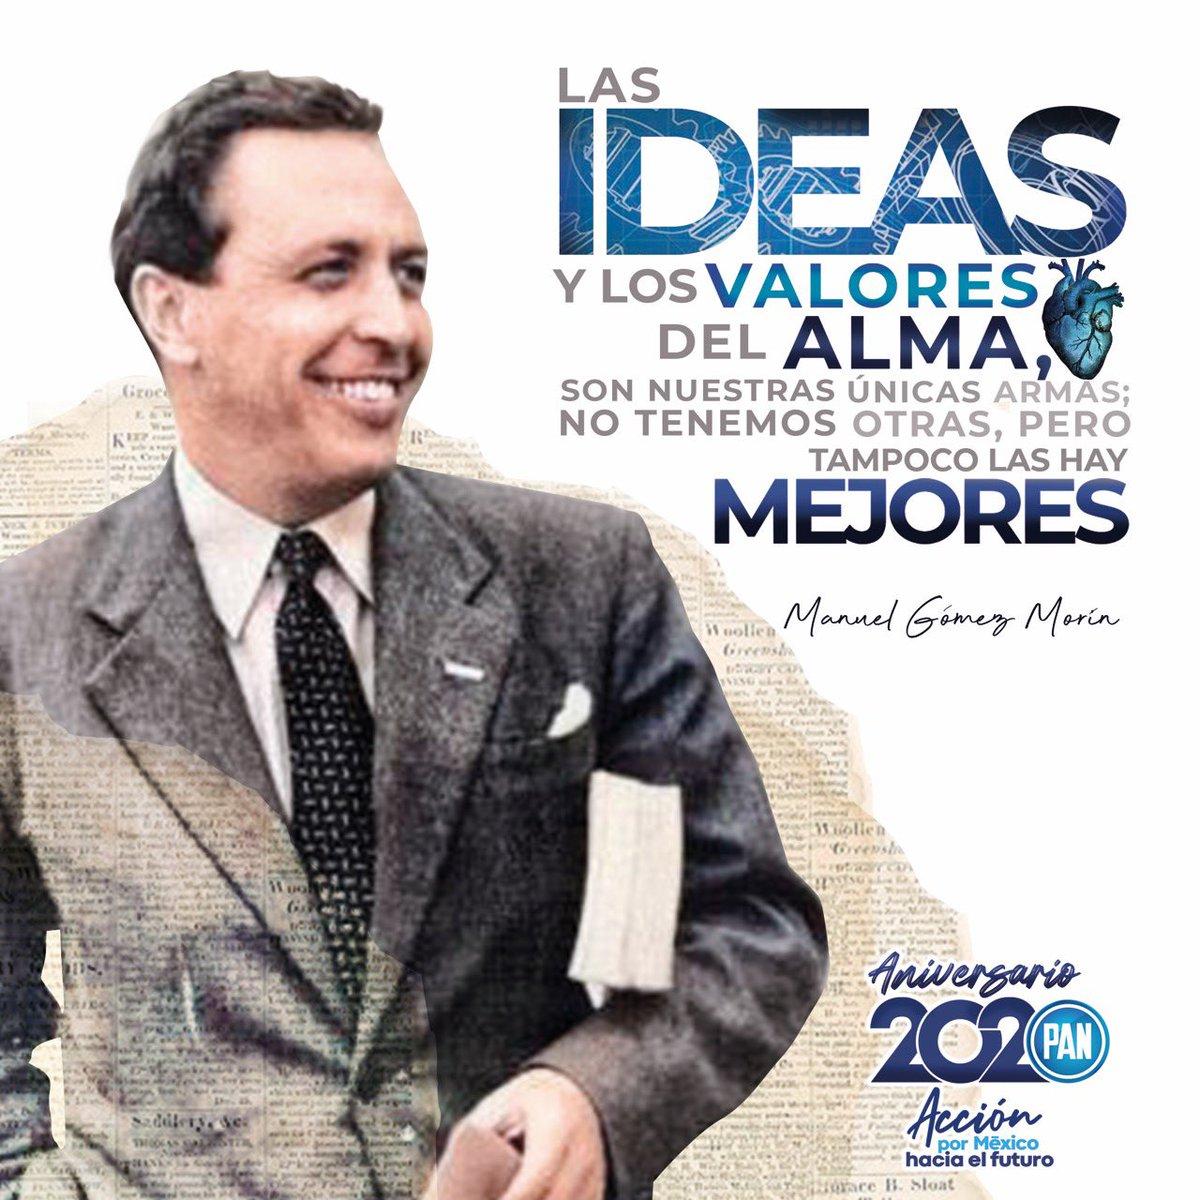 """Acción Nacional se fundó con la tarea inagotable de promover la democracia y ciudadanía en México  Recordamos a nuestro fundador, Don Manuel Gómez Morin: """"Las ideas y los valores del alma, son nuestras únicas armas; no tenemos otras, pero tampoco las hay mejores"""" #Aniversario2020 https://t.co/TpWu3G0nA1"""